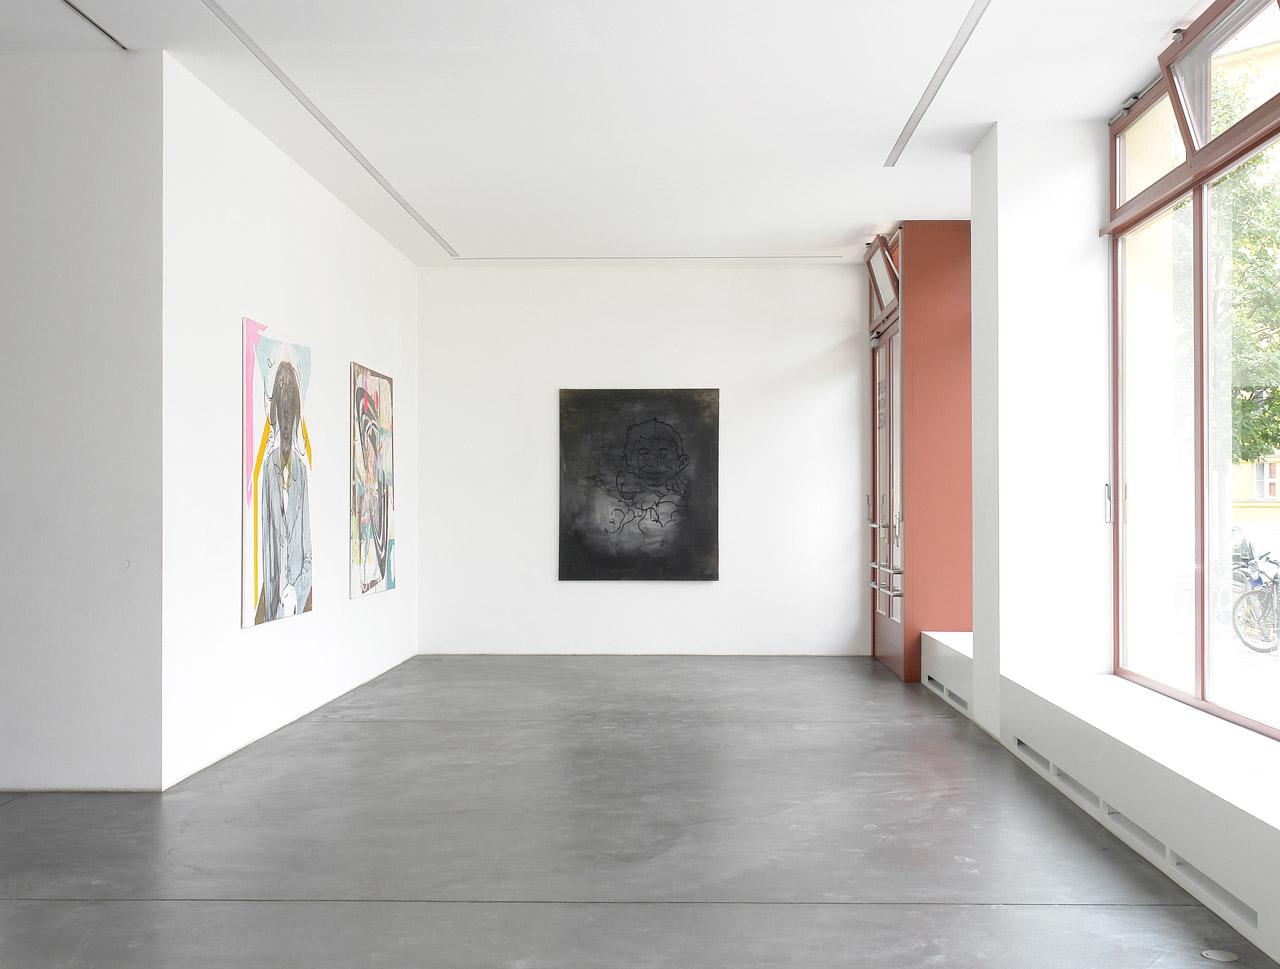 Andreas-Diefenbach_Install_Rektoskopie_2006_05